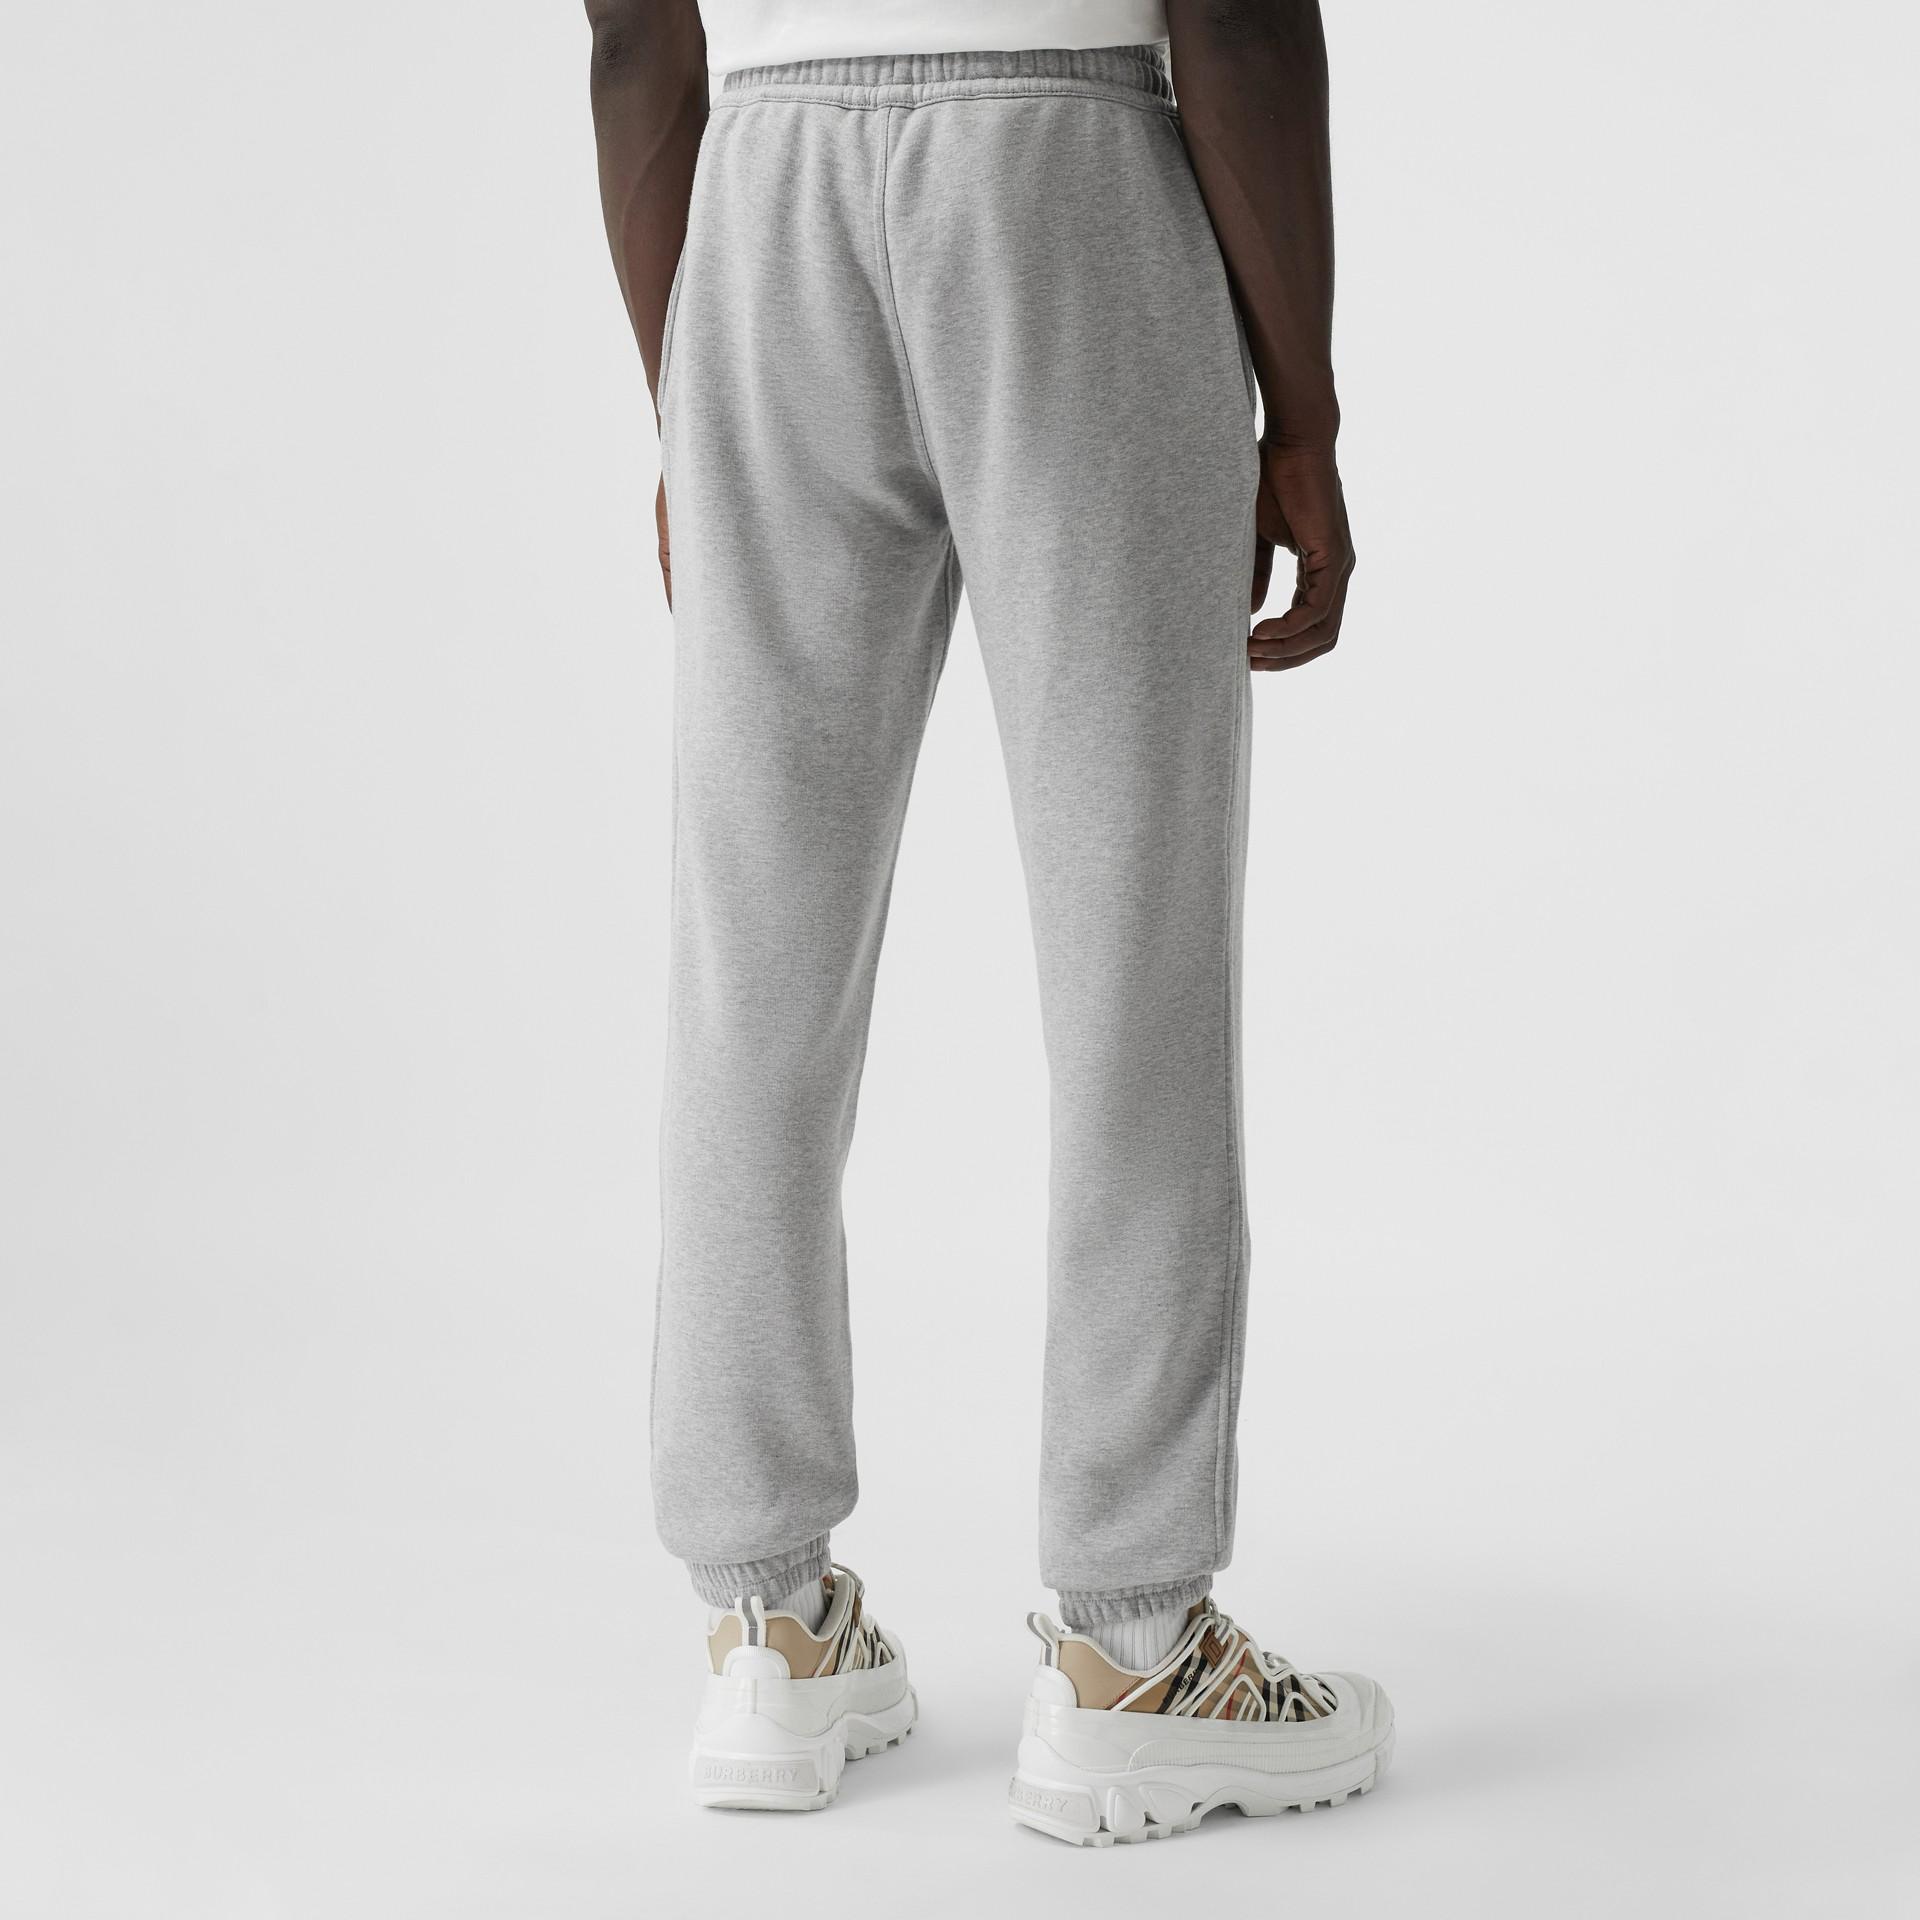 Logo Graphic Appliqué Cotton Jogging Pants in Pale Grey Melange - Men | Burberry - gallery image 2